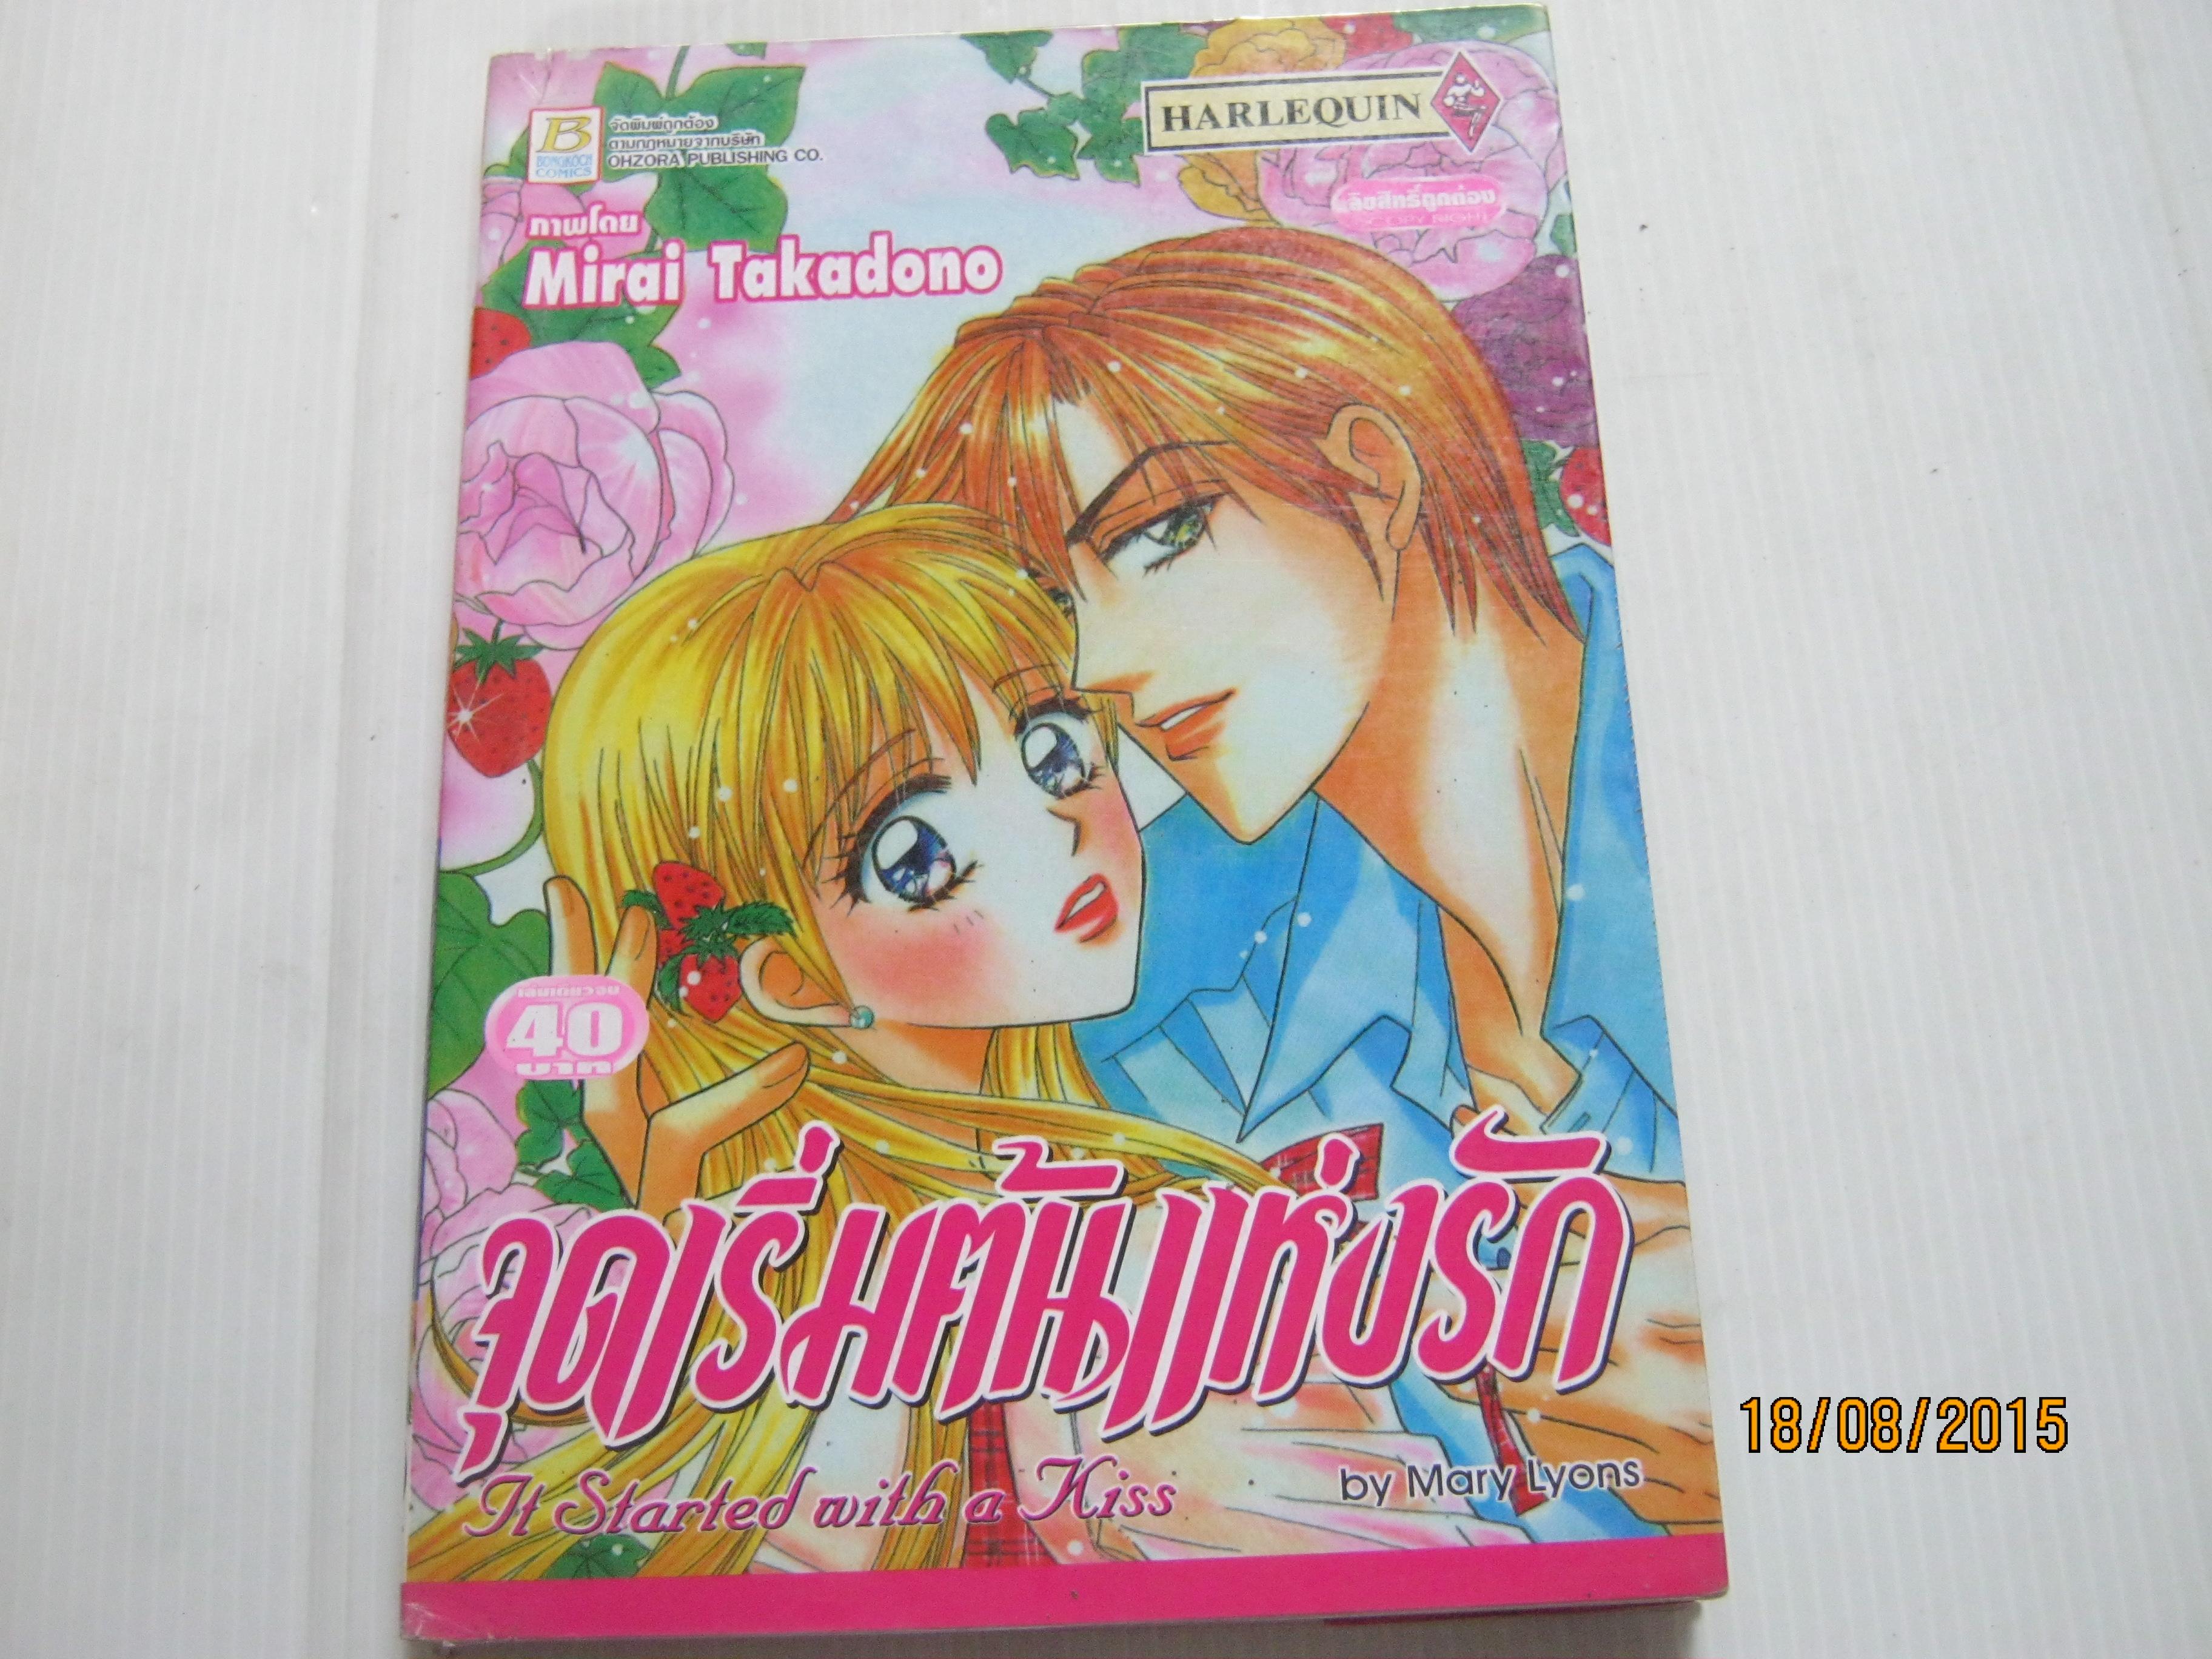 จุดเริ่มต้นแห่งรัก เล่มเดียวจบ Mirai Takadono เขียน